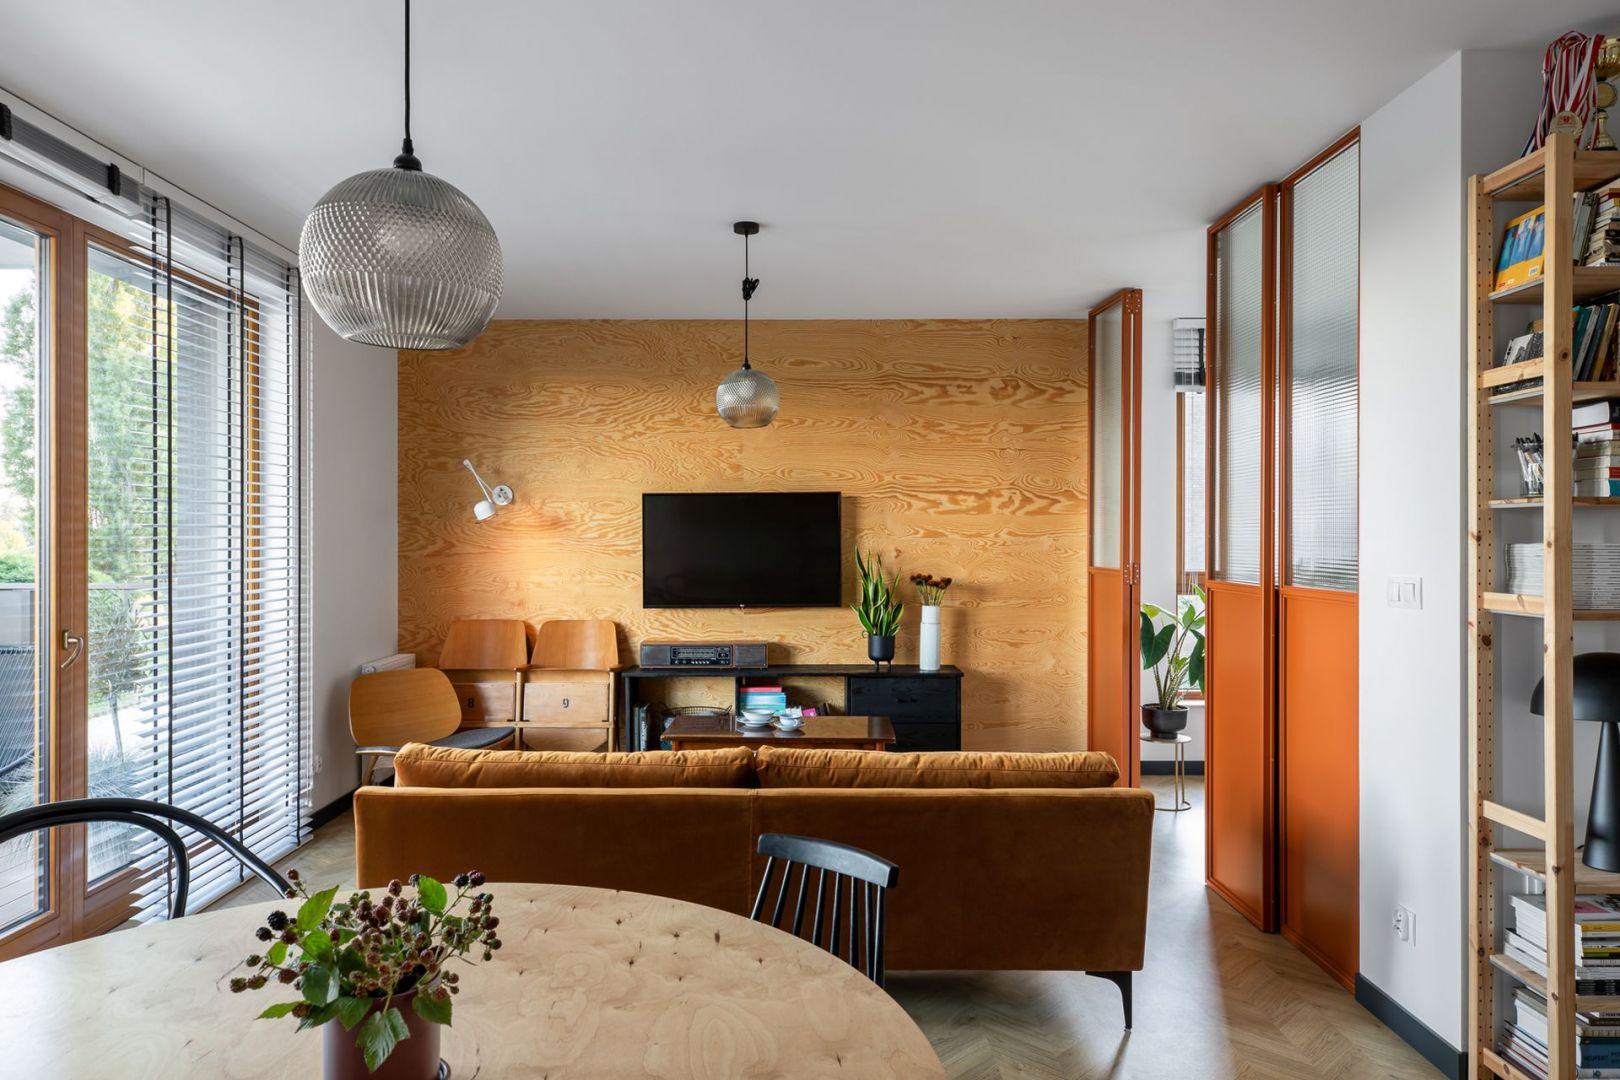 Część dzienna jest urządzona w ciepłych kolorach, ale w industrialnej stylistyce. Projekt wnętrza: Barbara Klimek, Pracownia Barak. Zdjęcia: Jakub Nanowski, Perspektywa